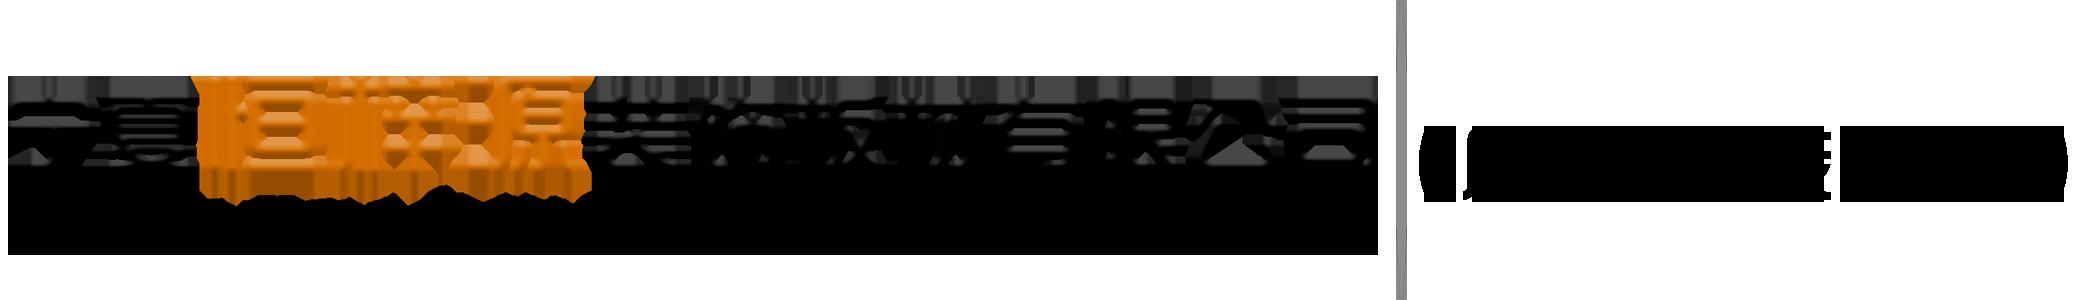 宁夏恒梓源装饰新万博体育网y有限公司